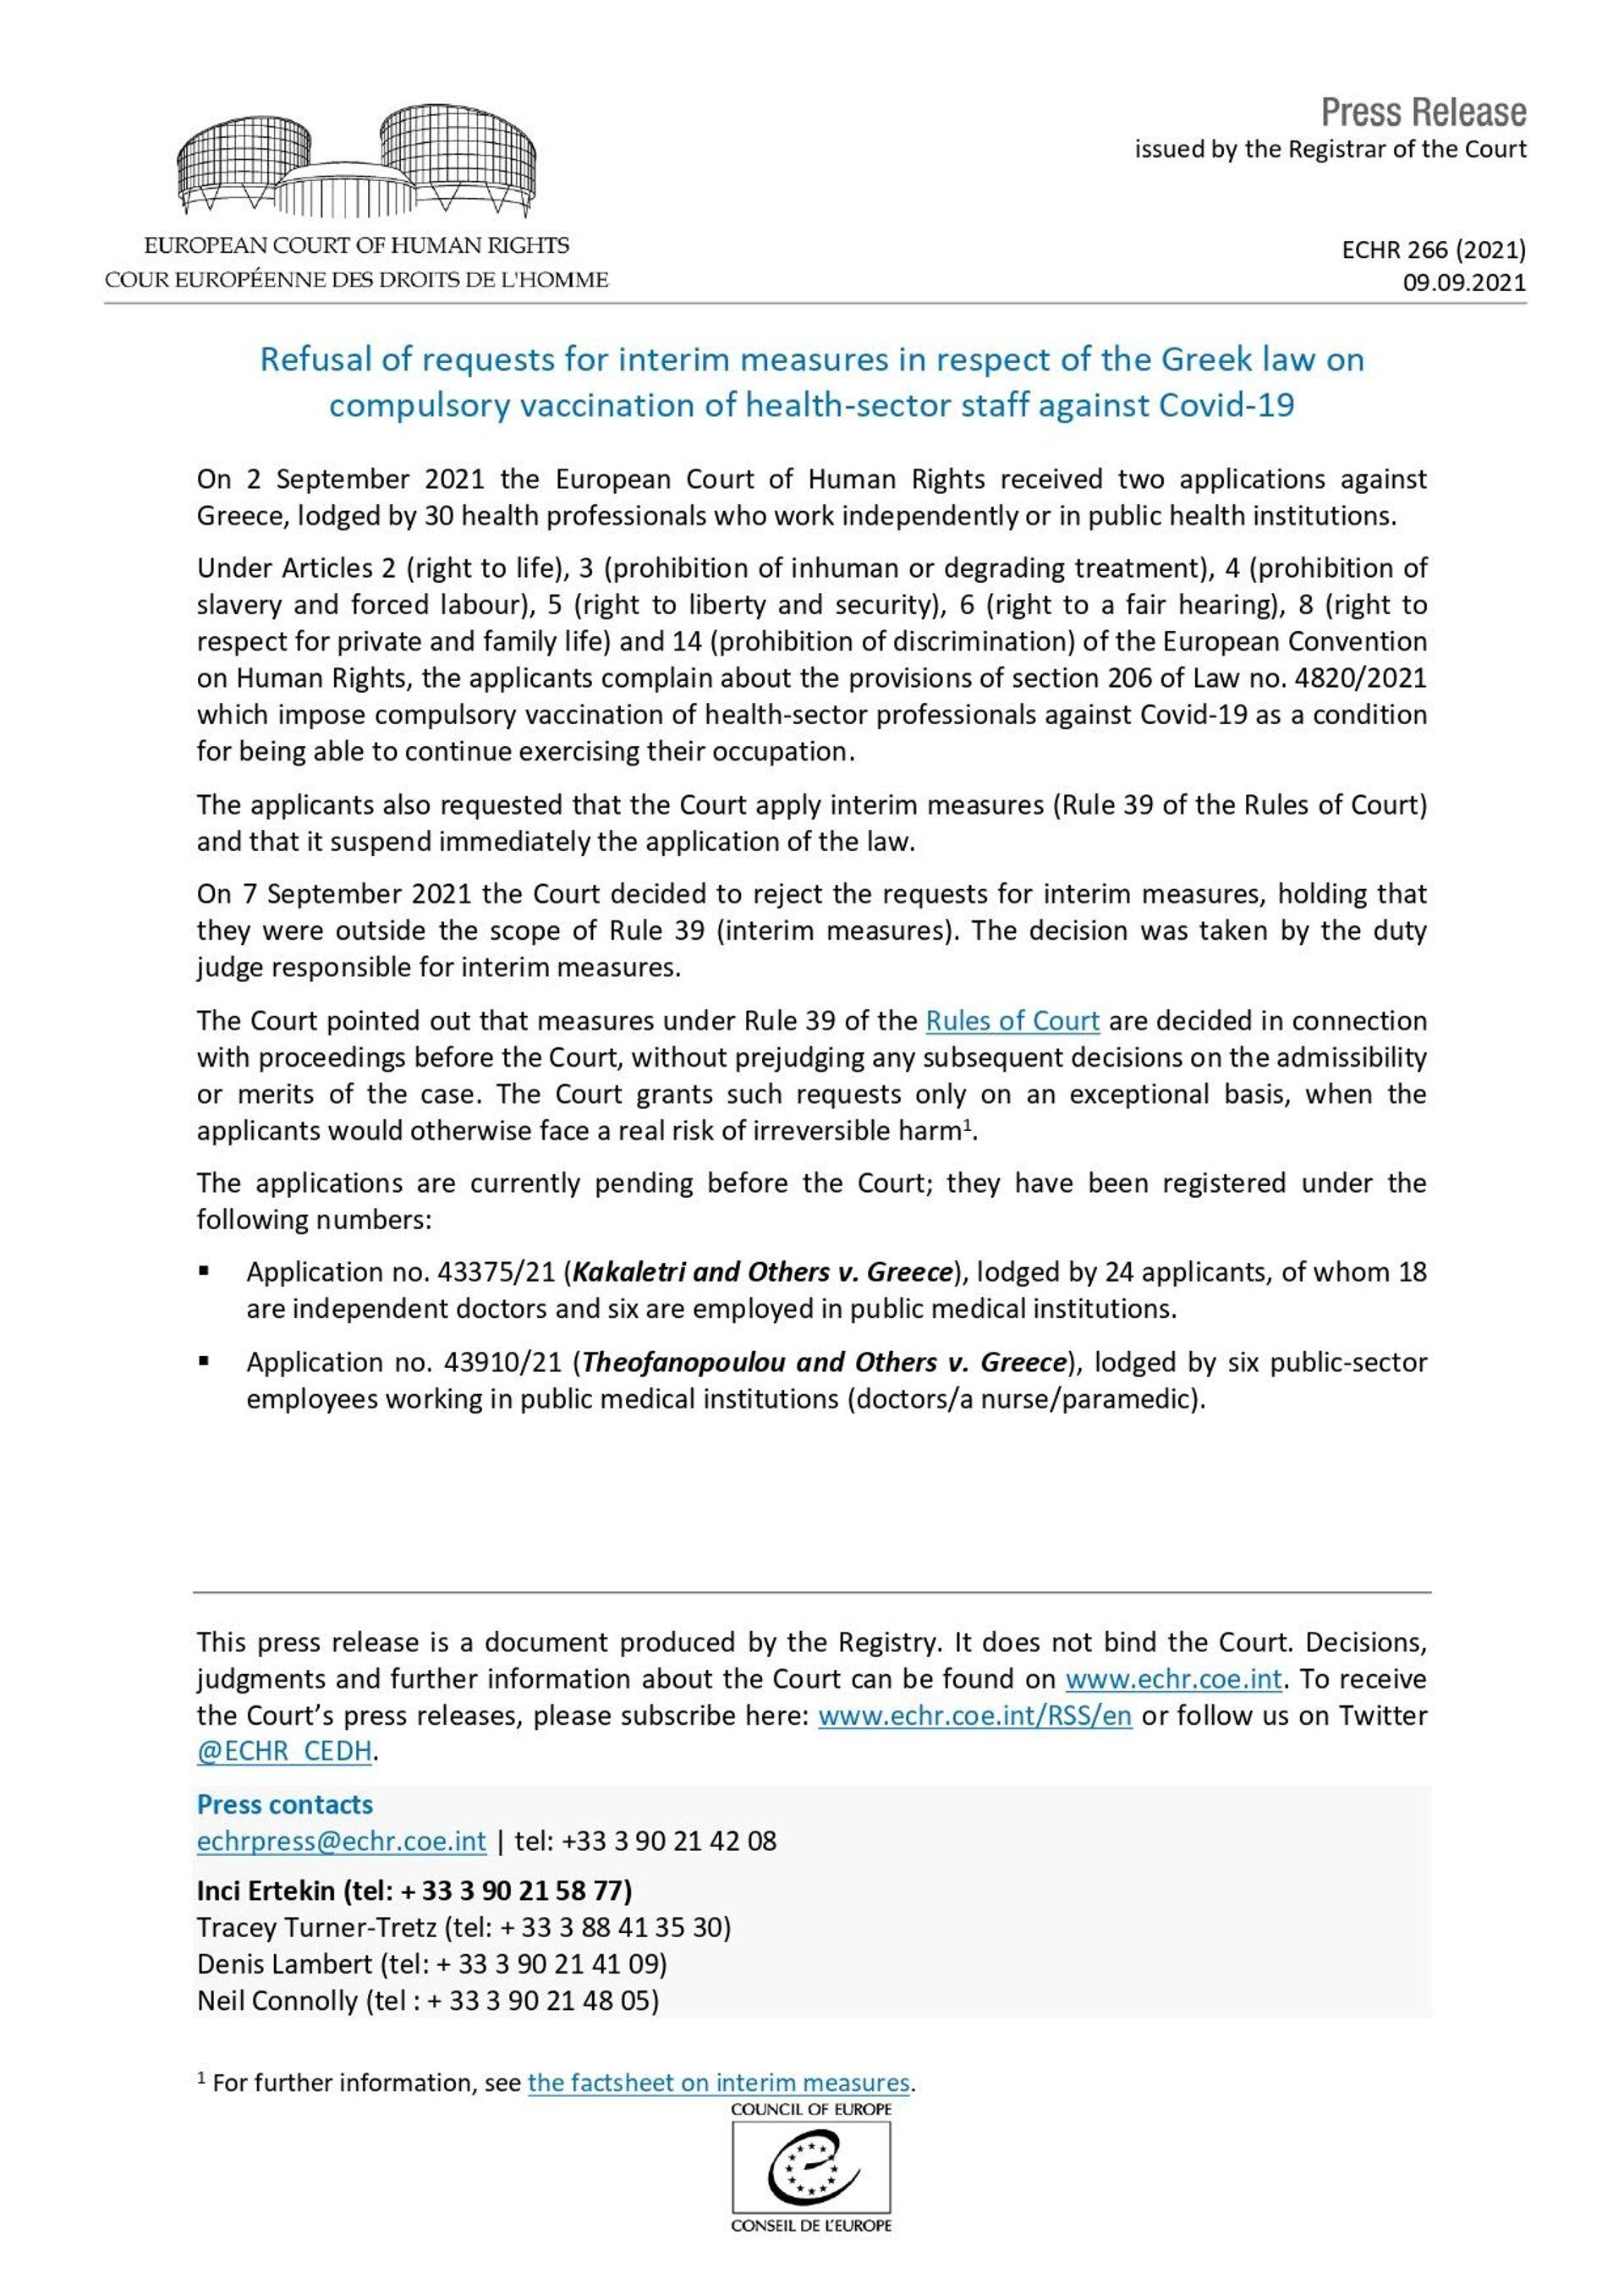 Όχι στο αίτημα Ελλήνων υγειονομικών κατά του υποχρεωτικού εμβολιασμού από το Ευρωπαϊκό Δικαστήριο - Sputnik Ελλάδα, 1920, 09.09.2021